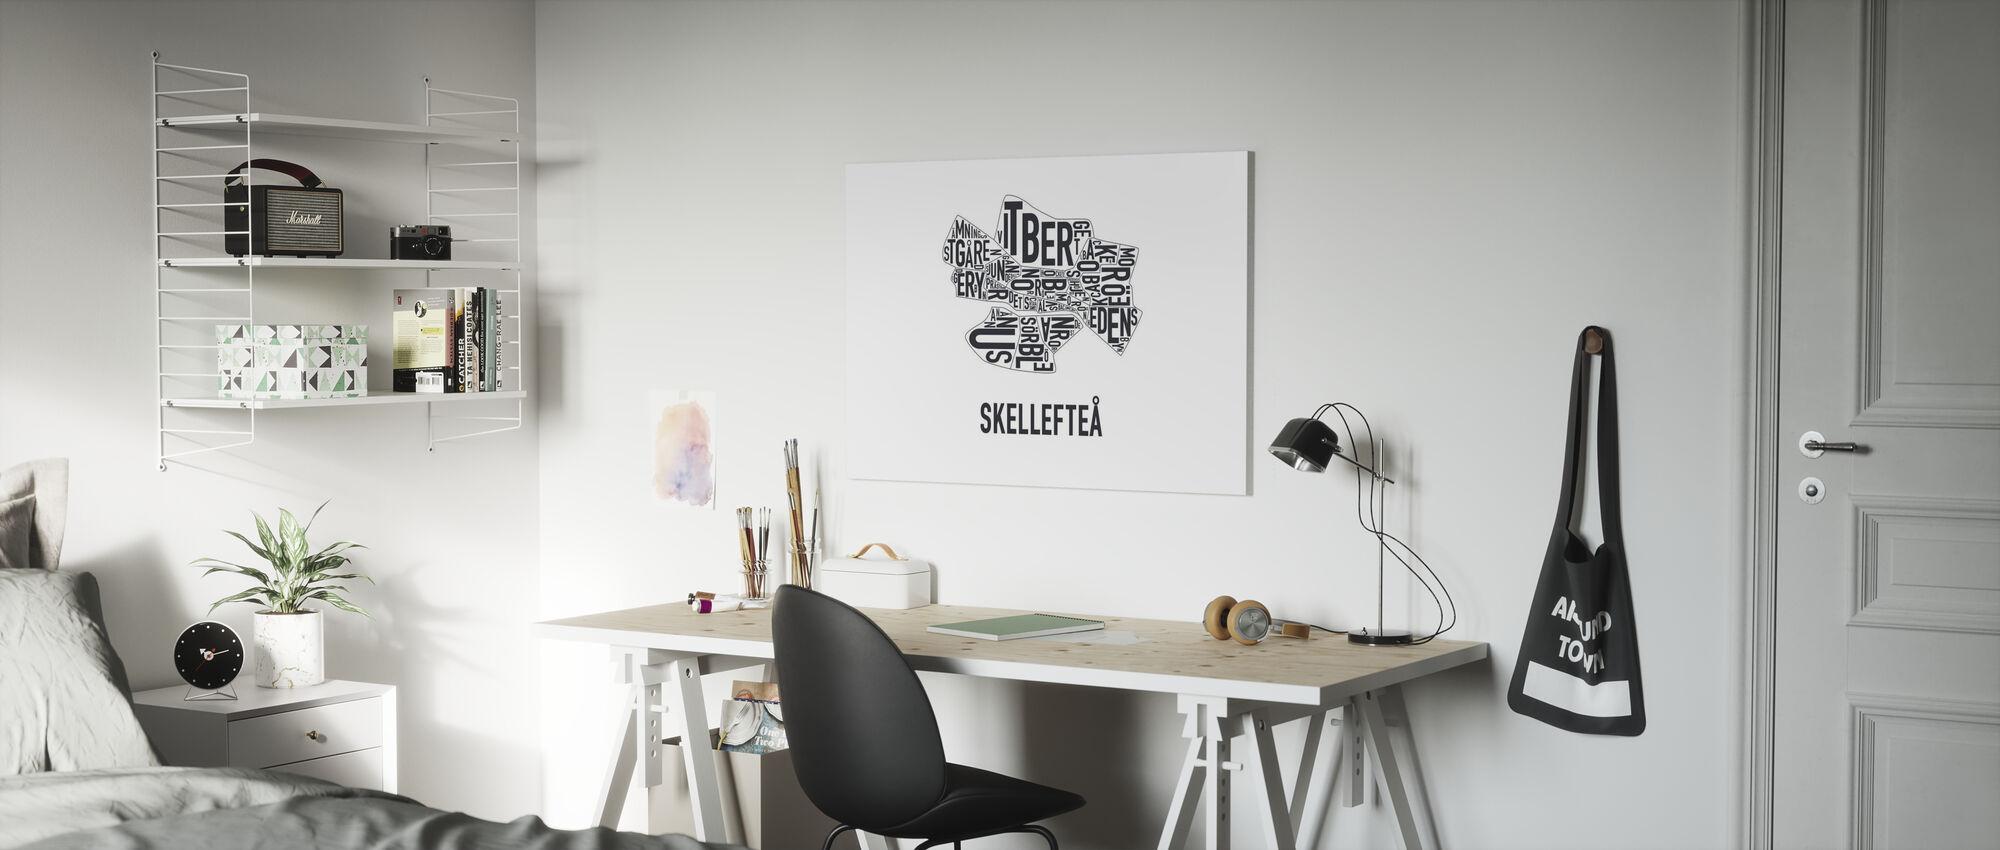 Skellefteå - Canvas print - Kinderkamer